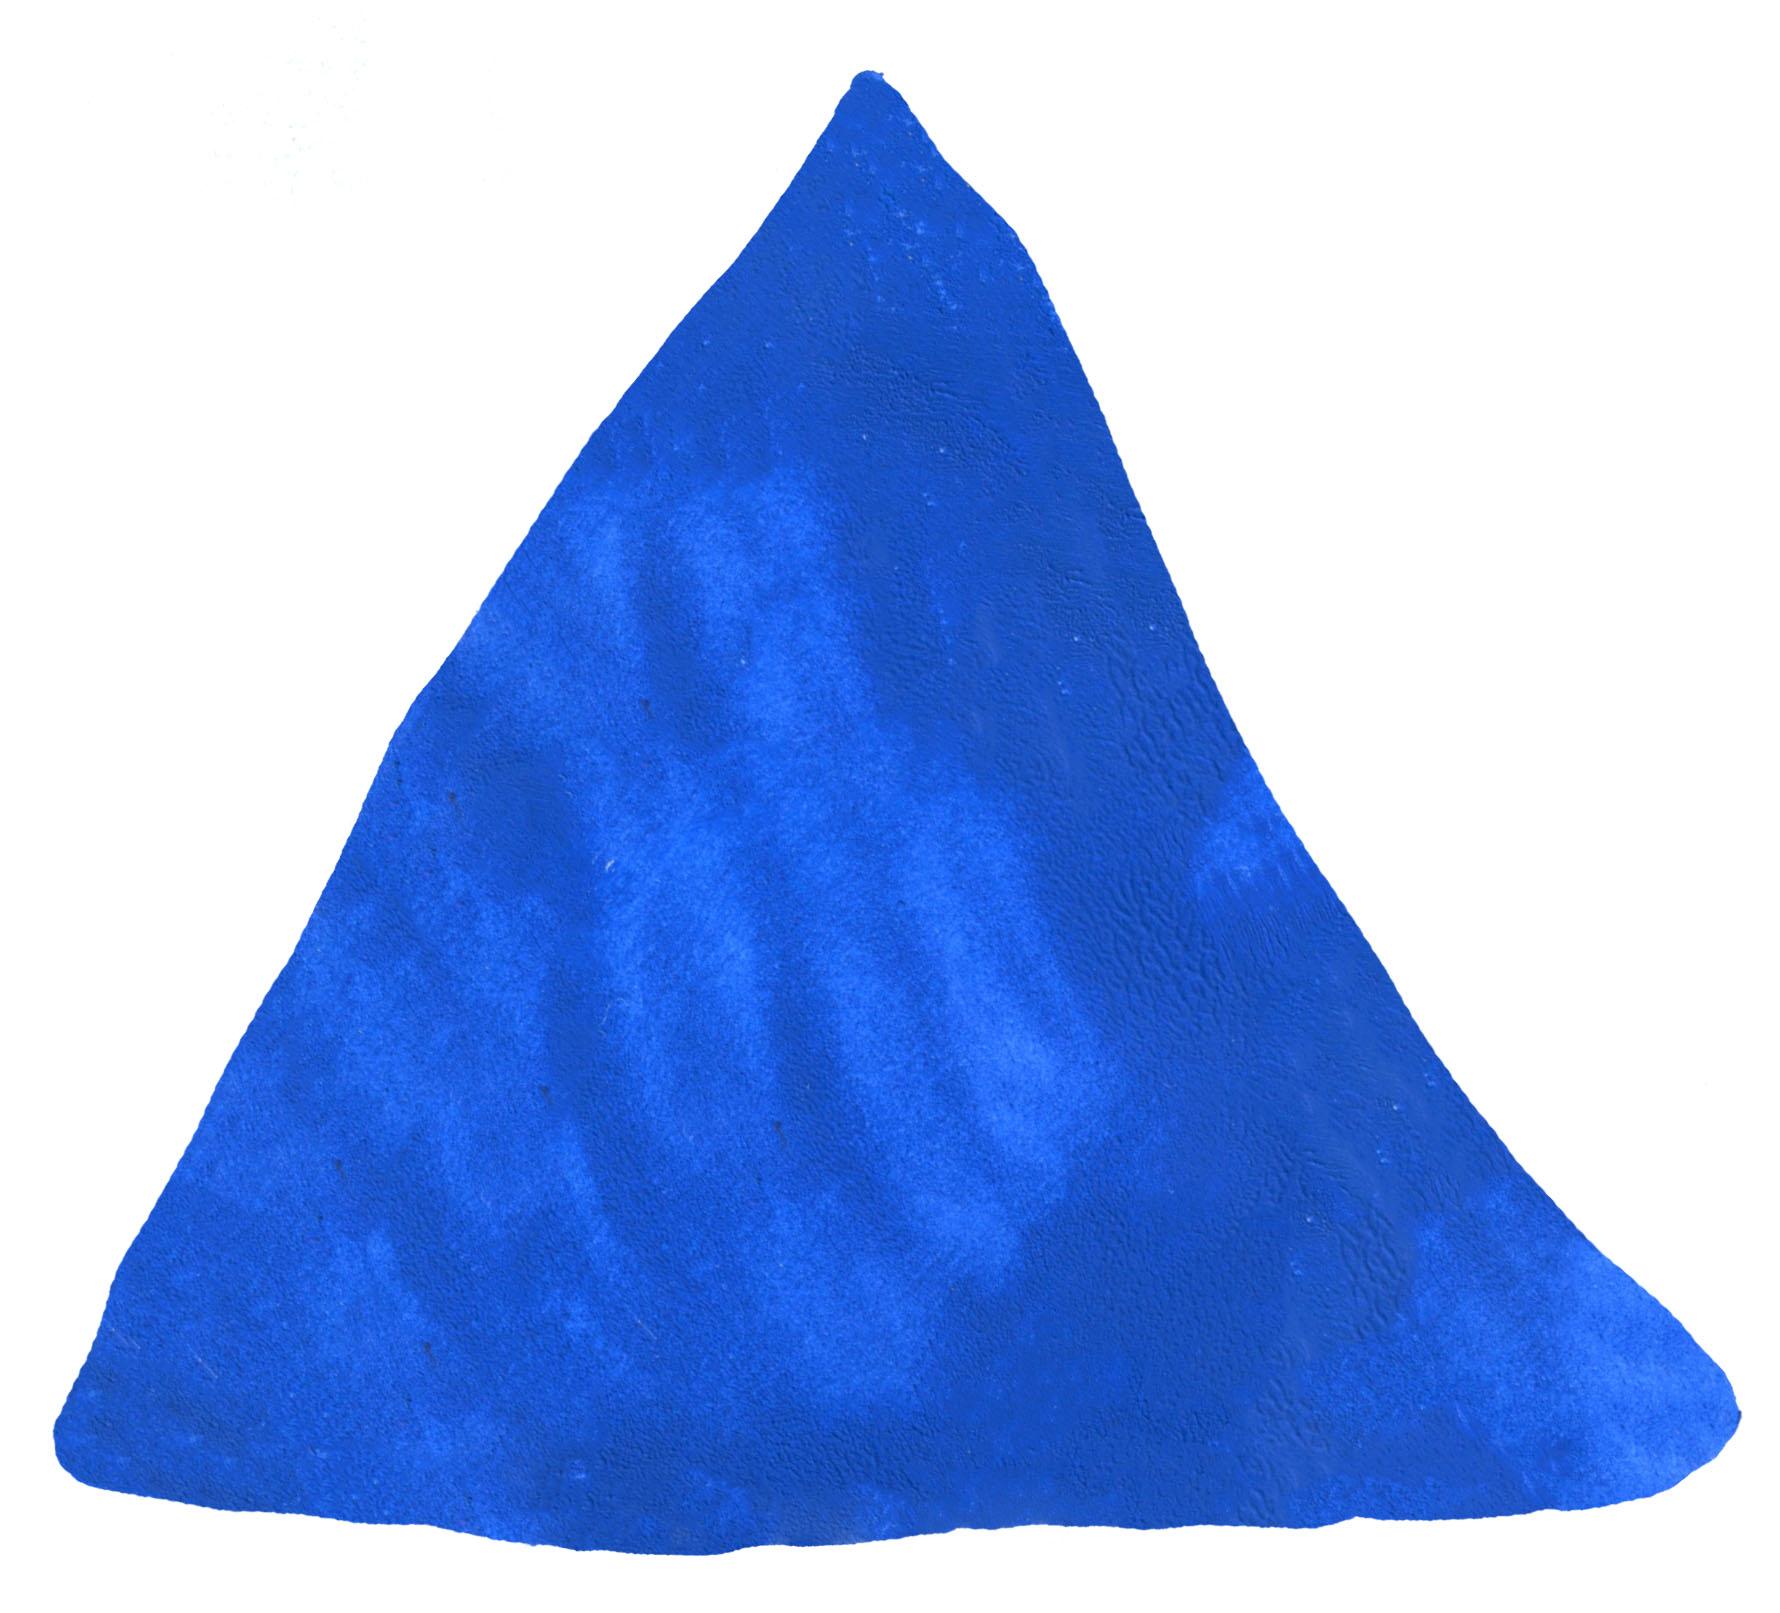 bluetri.jpg